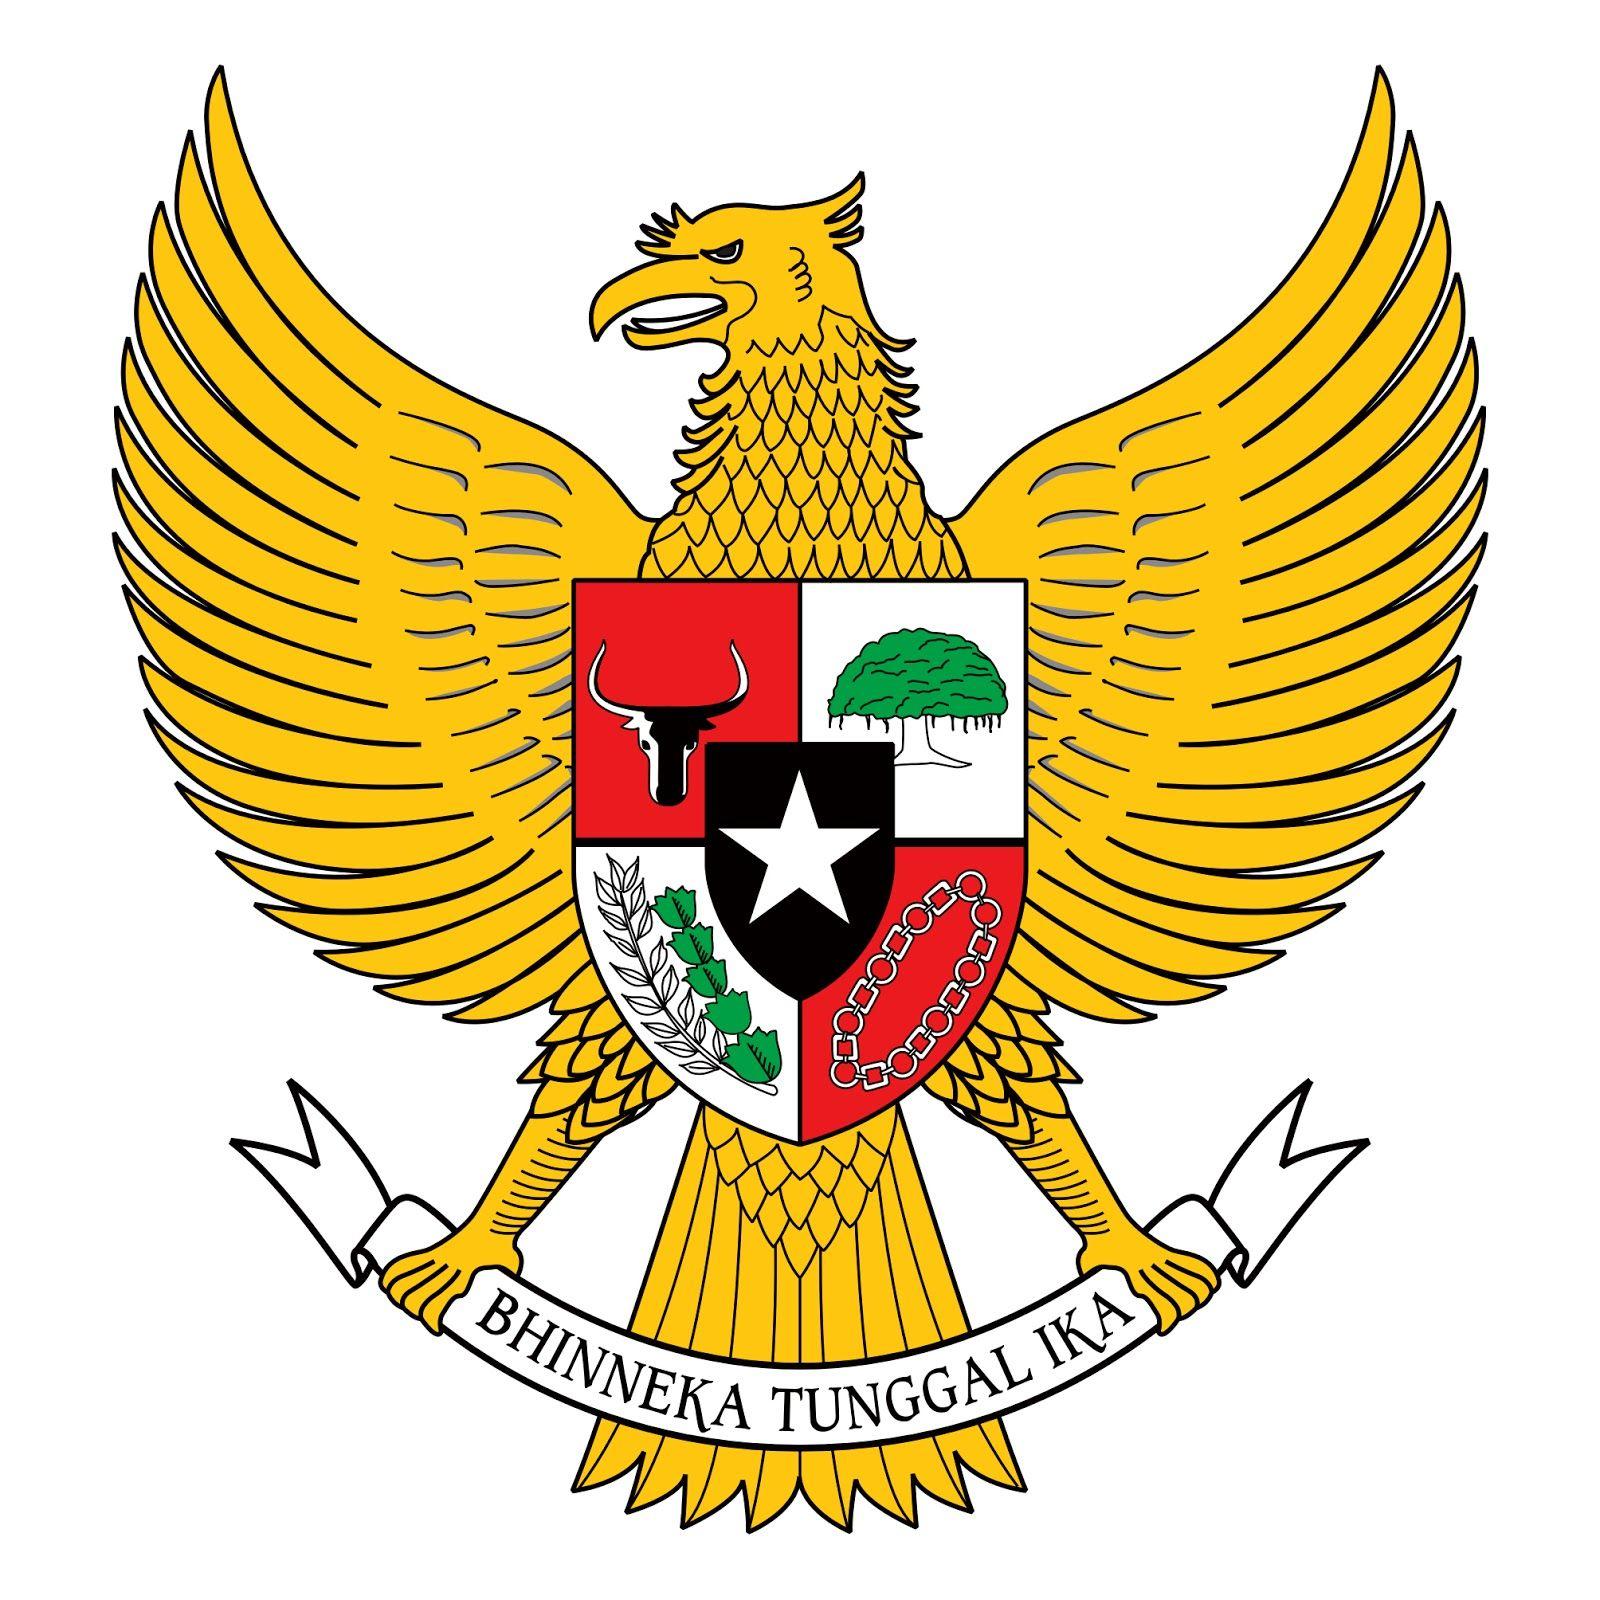 Download Logo Garuda Pancasila Vector CDR GUDANG LOGO